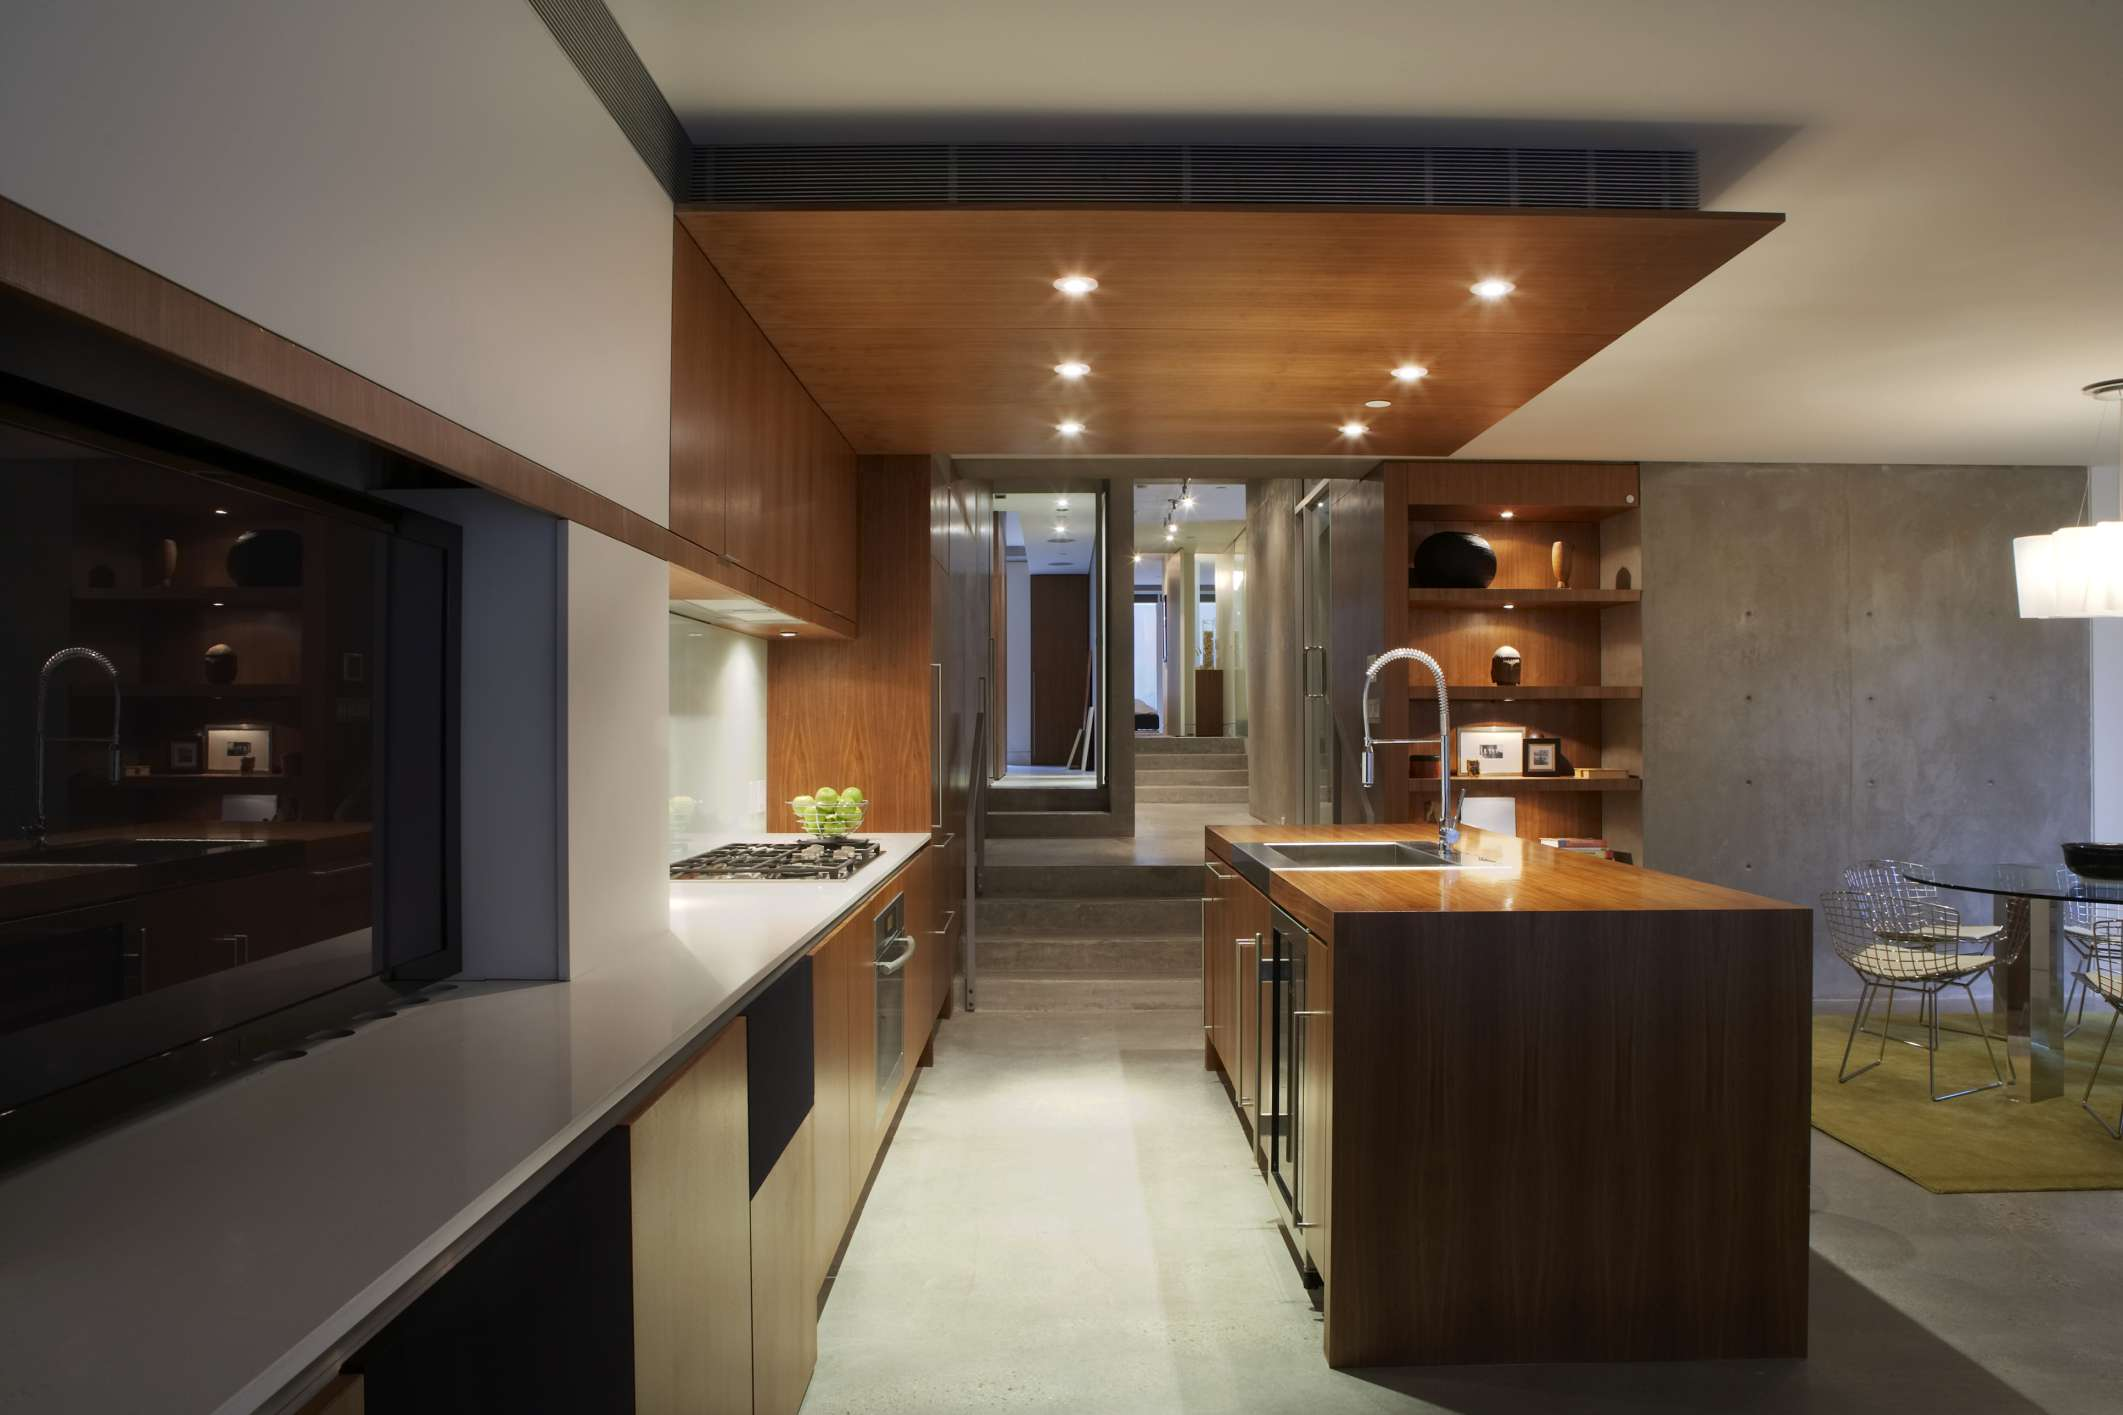 diseño de cocina estilo cocina